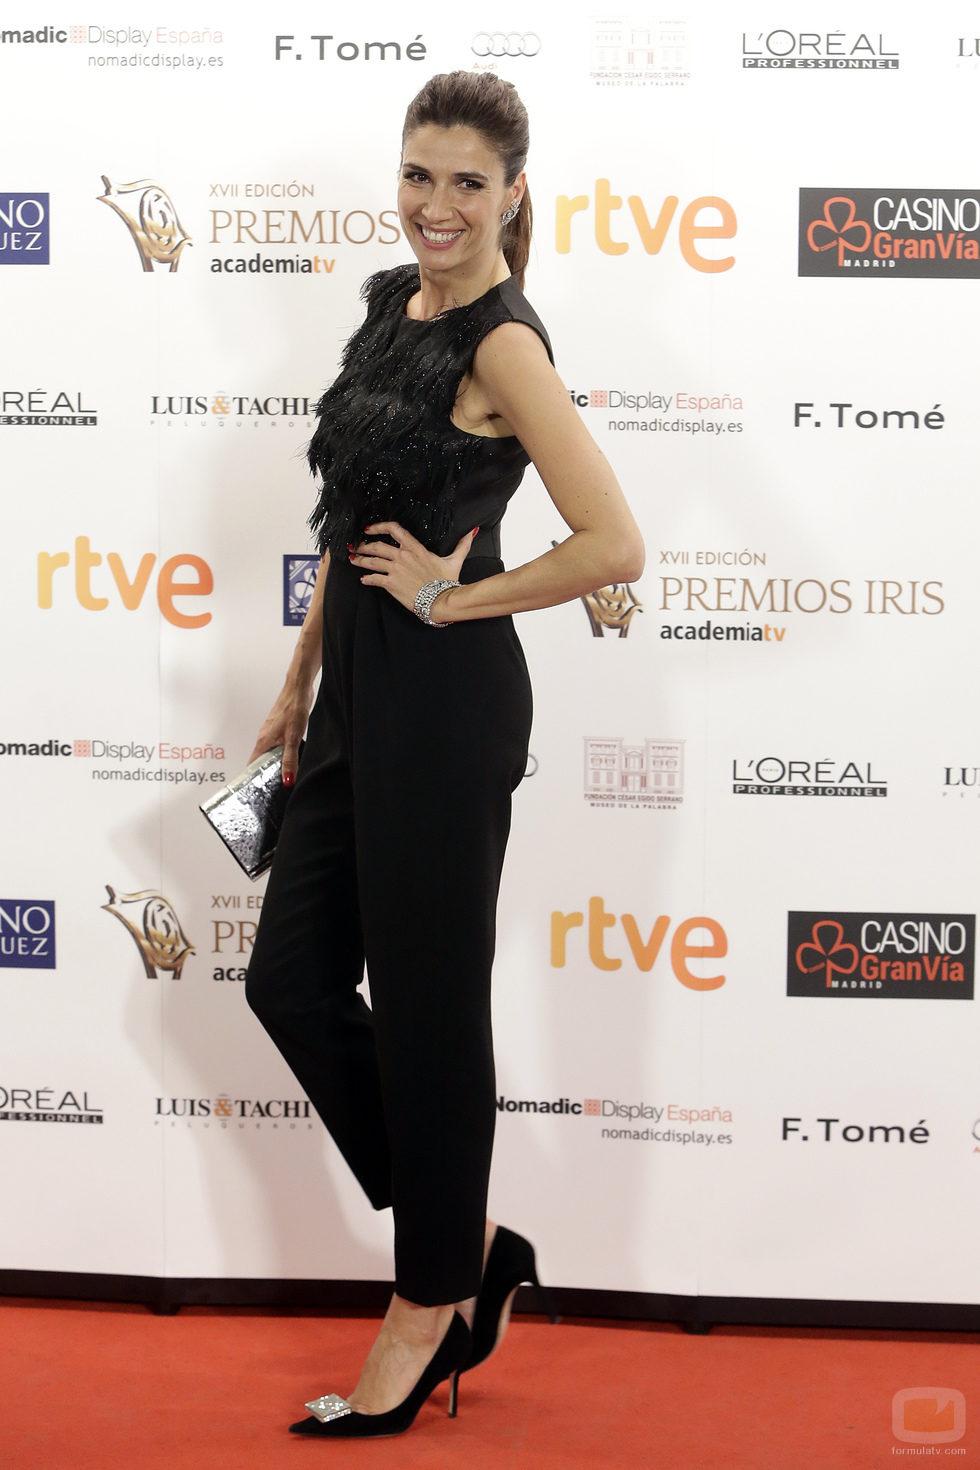 Elia Galera, de lo más divertida, en la alfombra de los Premios Iris 2015